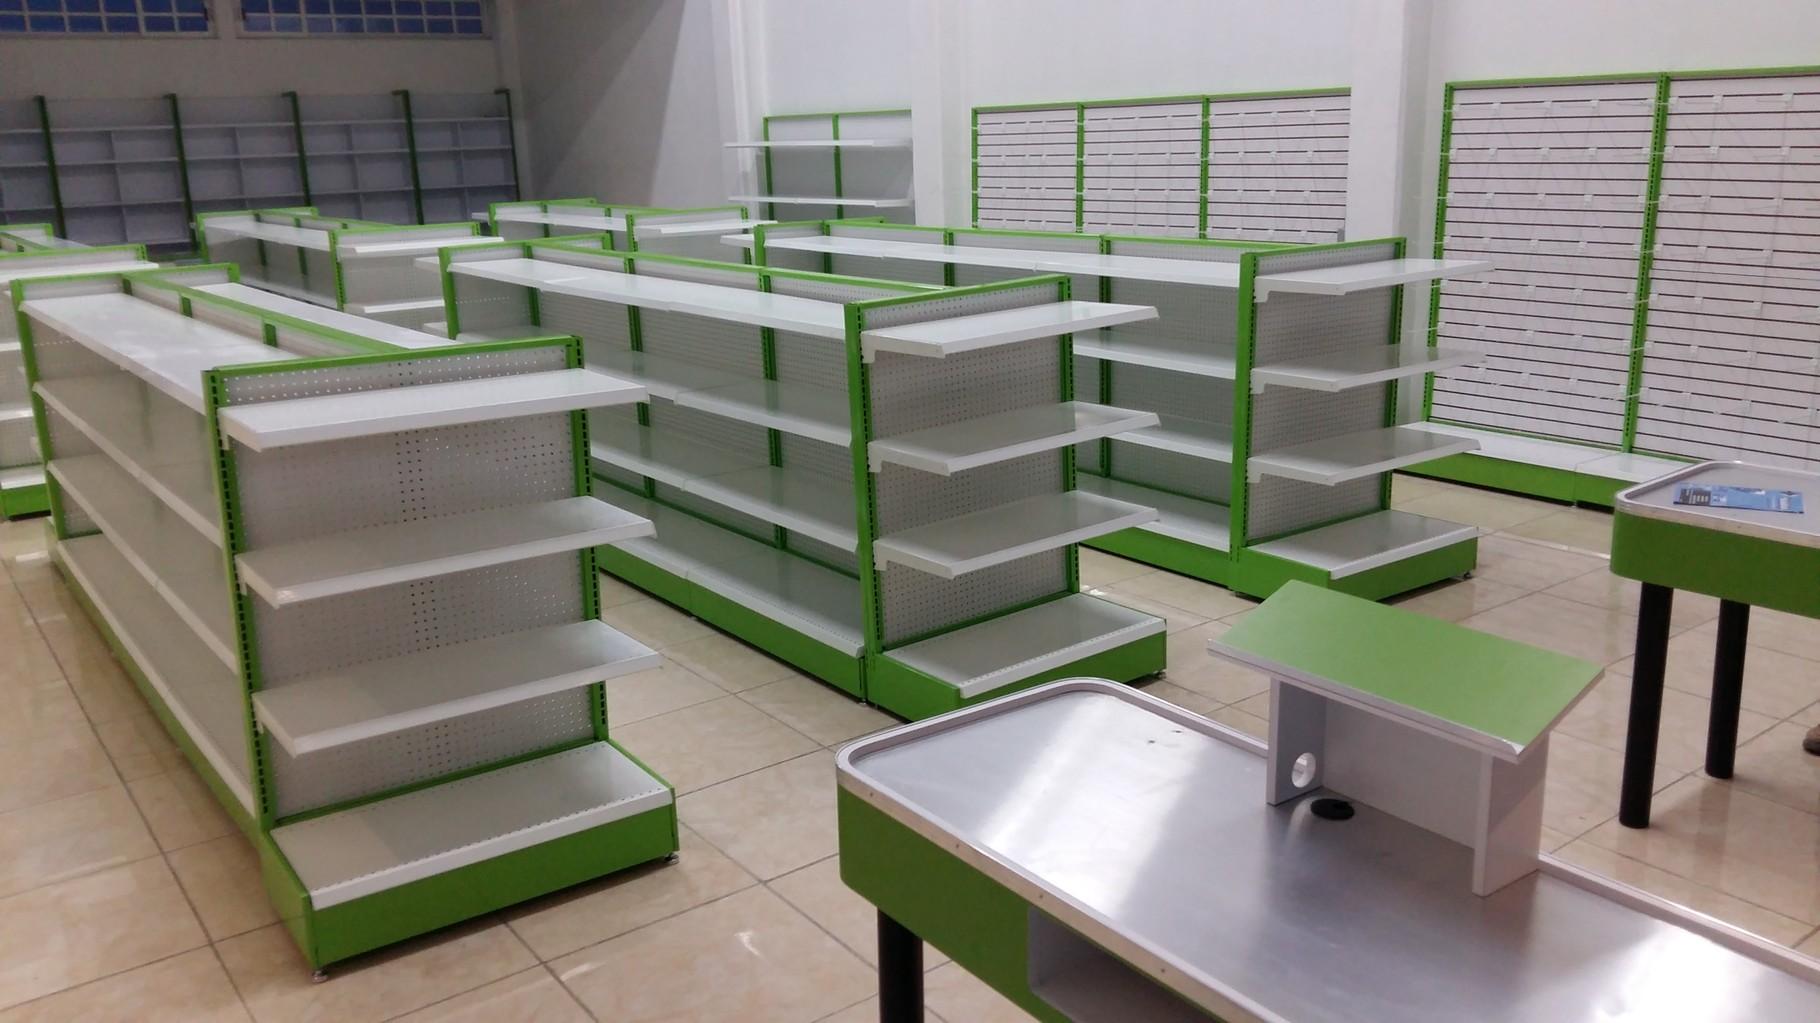 Muebles tipo oxxo vitrinas mostradores estantes for Muebles para almacen